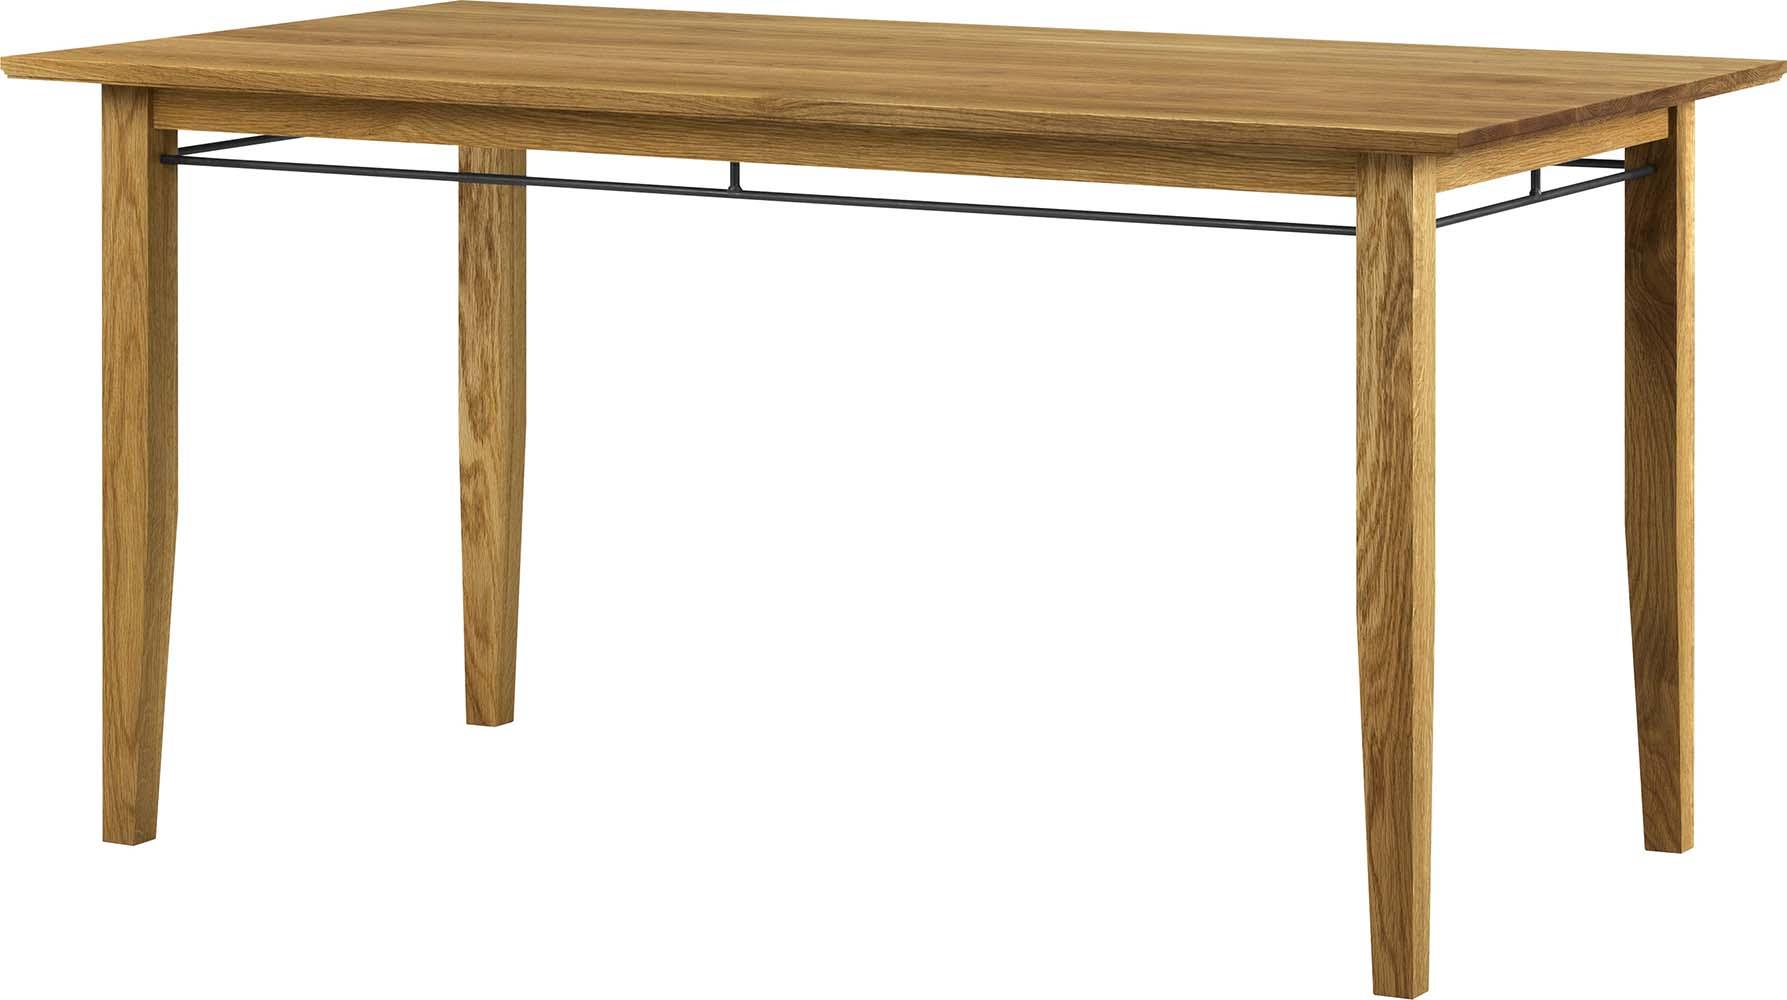 この商品に似ているアイテム画像(STATIC dining table|HARVA LEHTO(ハルバレヒト))